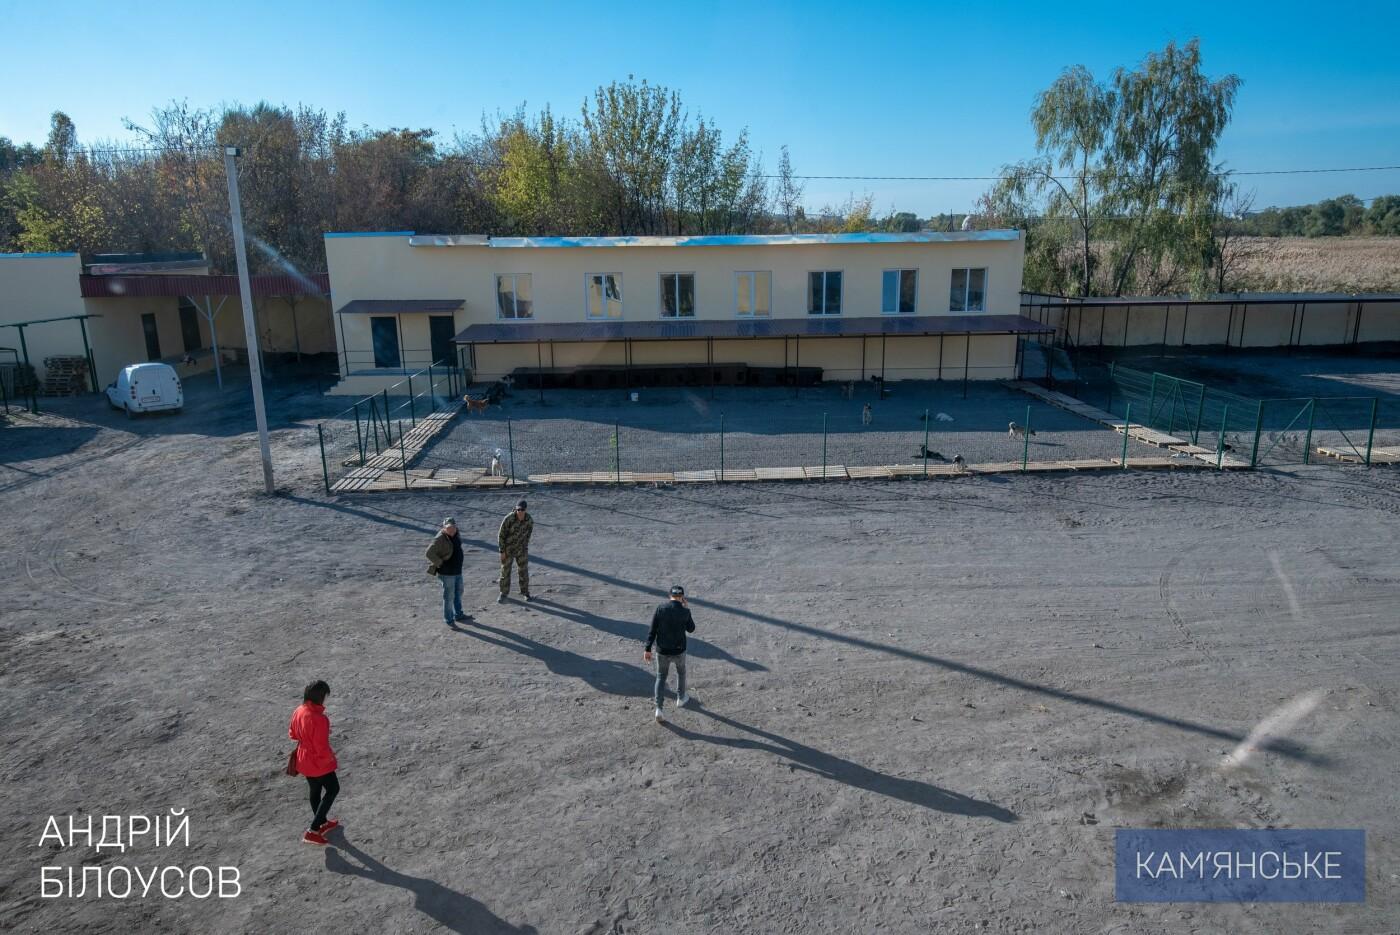 В Каменском открыли приют для бездомных животных, фото-1